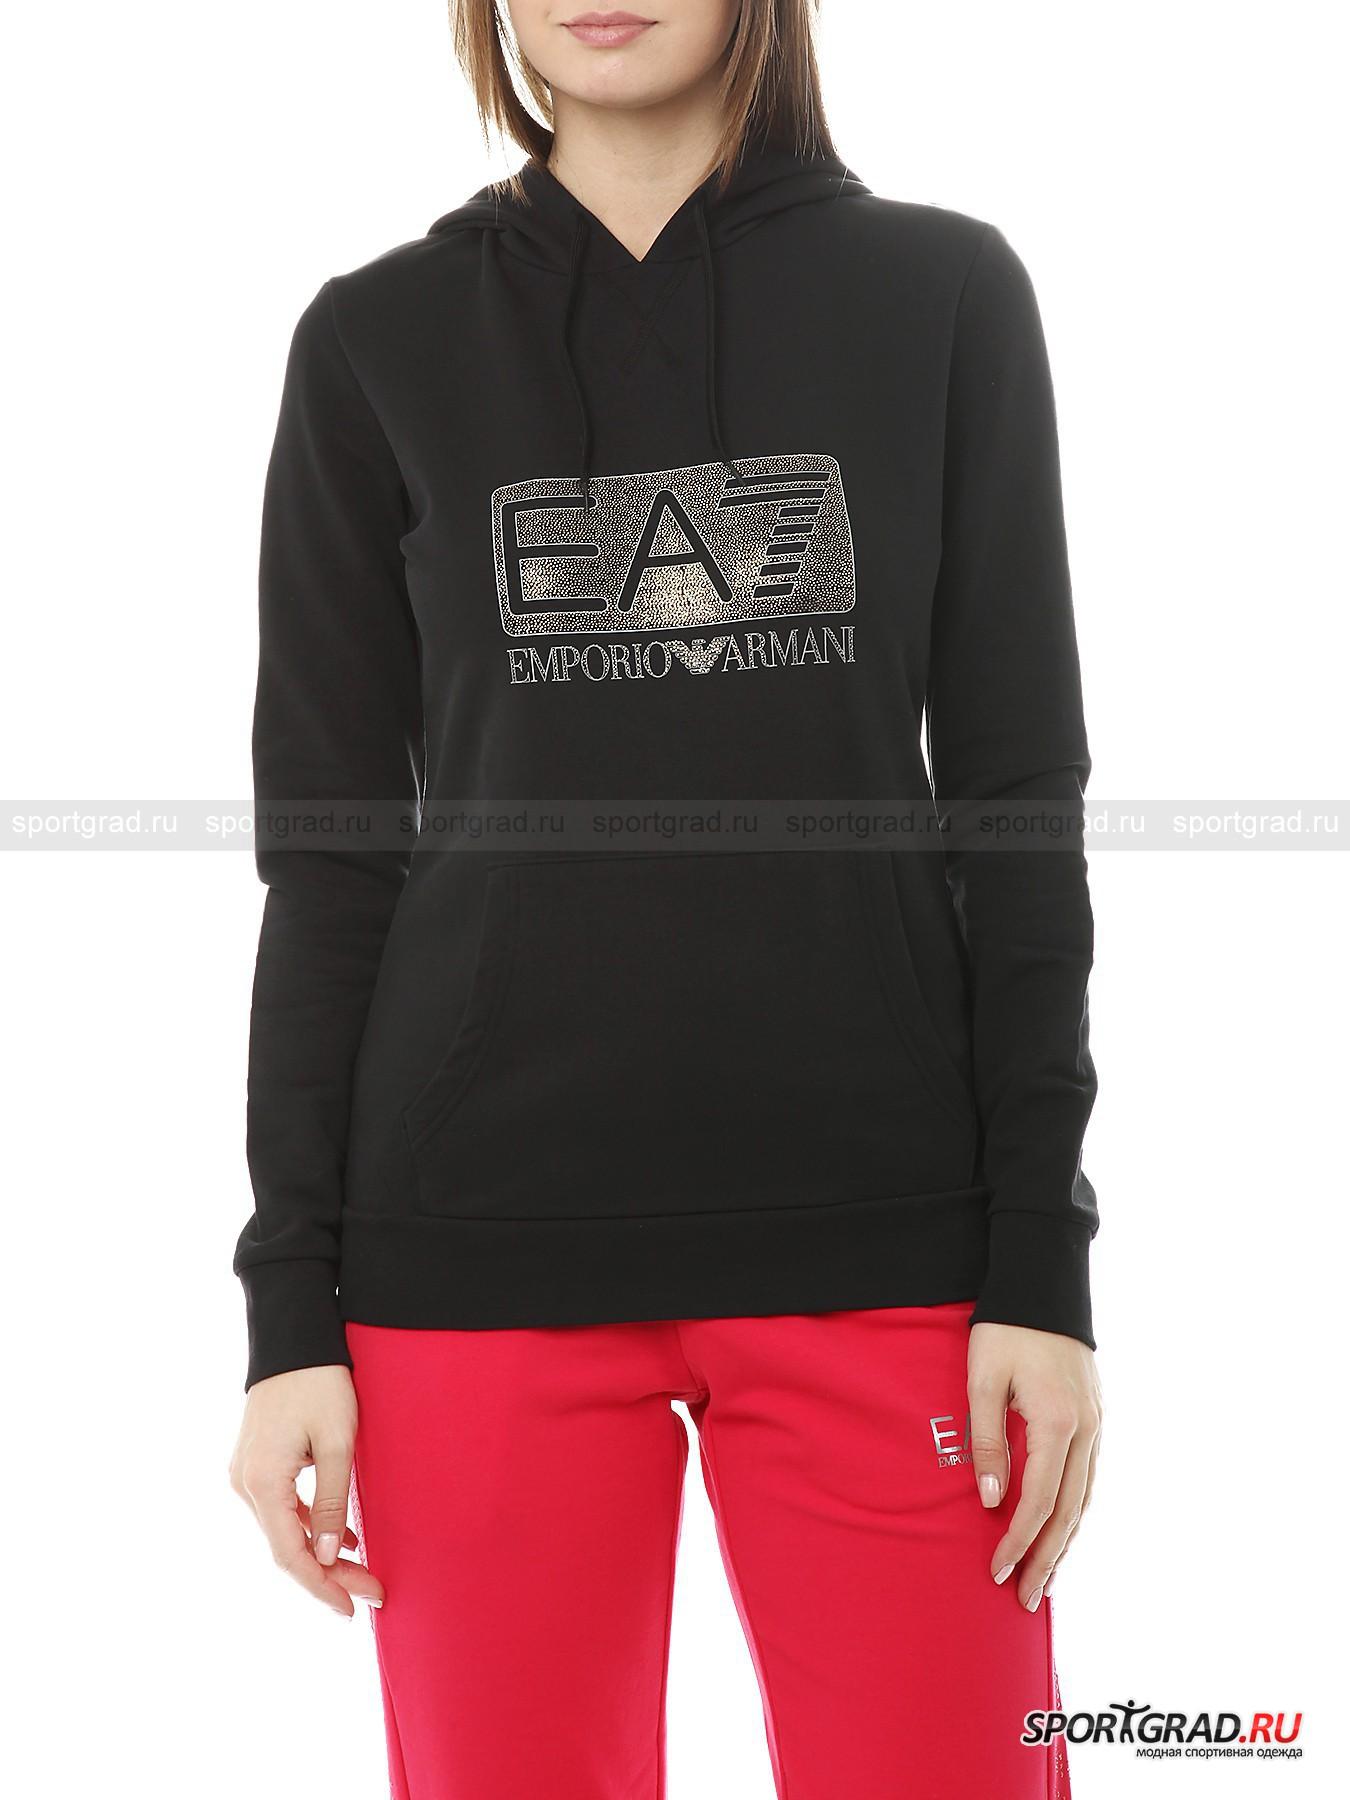 """Толстовка женская EA7 EMPORIO ARMANIТолстовки<br>Лаконичная черная толстовка с капюшоном от EA7 Emporio Armani станет очень полезным приобретением для переменчивой осенней погоды. Это универсальная модель, которая пригодится и любительницам спорта, и просто девушкам, предпочитающим одеваться в стиле casual или спорт-шик. <br><br>Владелица толстовки непременно произведет впечатление на окружающих своим отменным вкусом - это простая, но вместе  с тем эффектная модель отлично сидит по фигуре и привлекает внимание роскошным золотистым логотипом на груди. Безупречное качество EA7 Emporio Armani не оставит равнодушным ценителей высококлассных статусных вещей.<br><br>Особенности модели:<br>-большой капюшон с лентами-утяжками;<br>-довольно тонкий эластичный материал;<br>-один карман с двумя прорезями для рук;<br>-""""петельчатая"""" изнанка.<br><br>Пол: Женский<br>Возраст: Взрослый<br>Тип: Толстовки<br>Рекомендации по уходу: стирка в теплой воде до 30 С; не отбеливать; гладить слегка нагретым утюгом (температура до 110 C); химчистка запрещена; можно сушить в стиральной машине при низкой температуре<br>Состав: 95% хлопок, 5% эластан"""